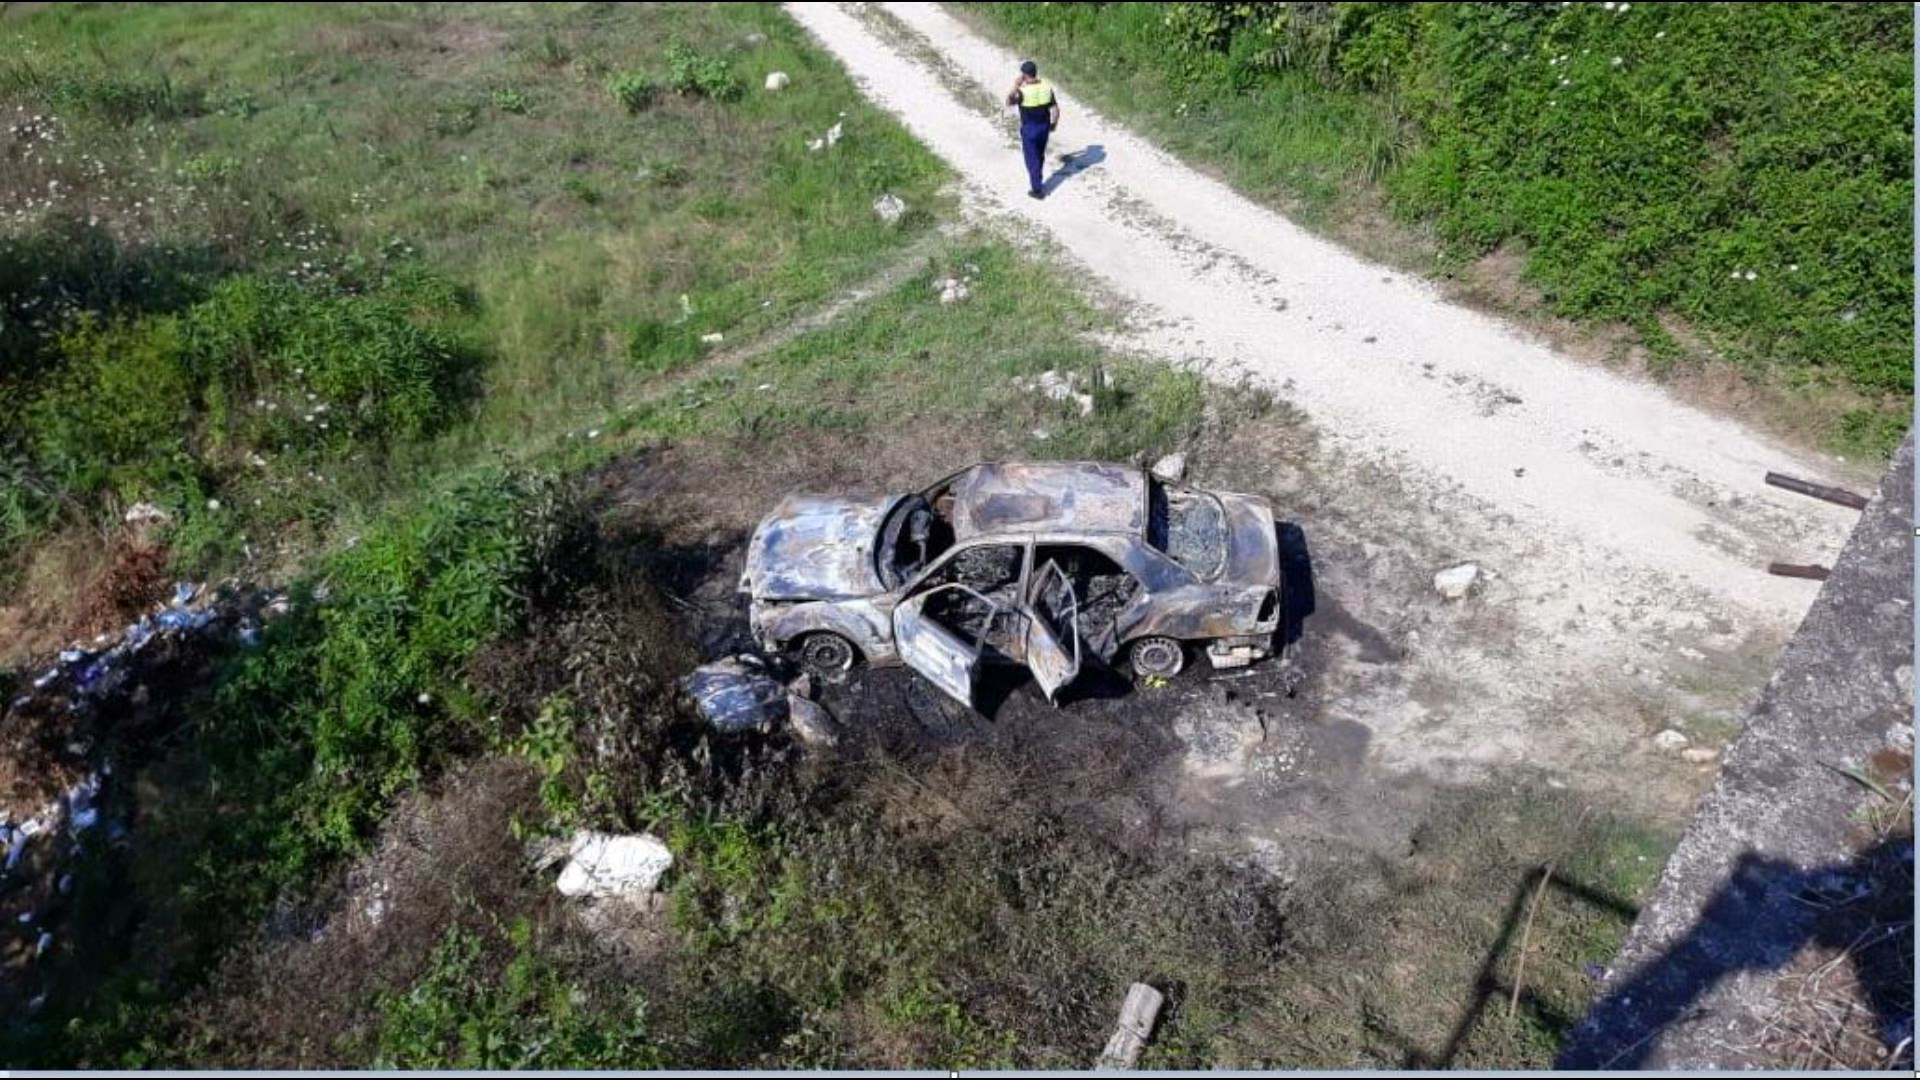 Gjendet një makinë në flakë poshtë urës së Gjolës në Krujë, dyshime për krim